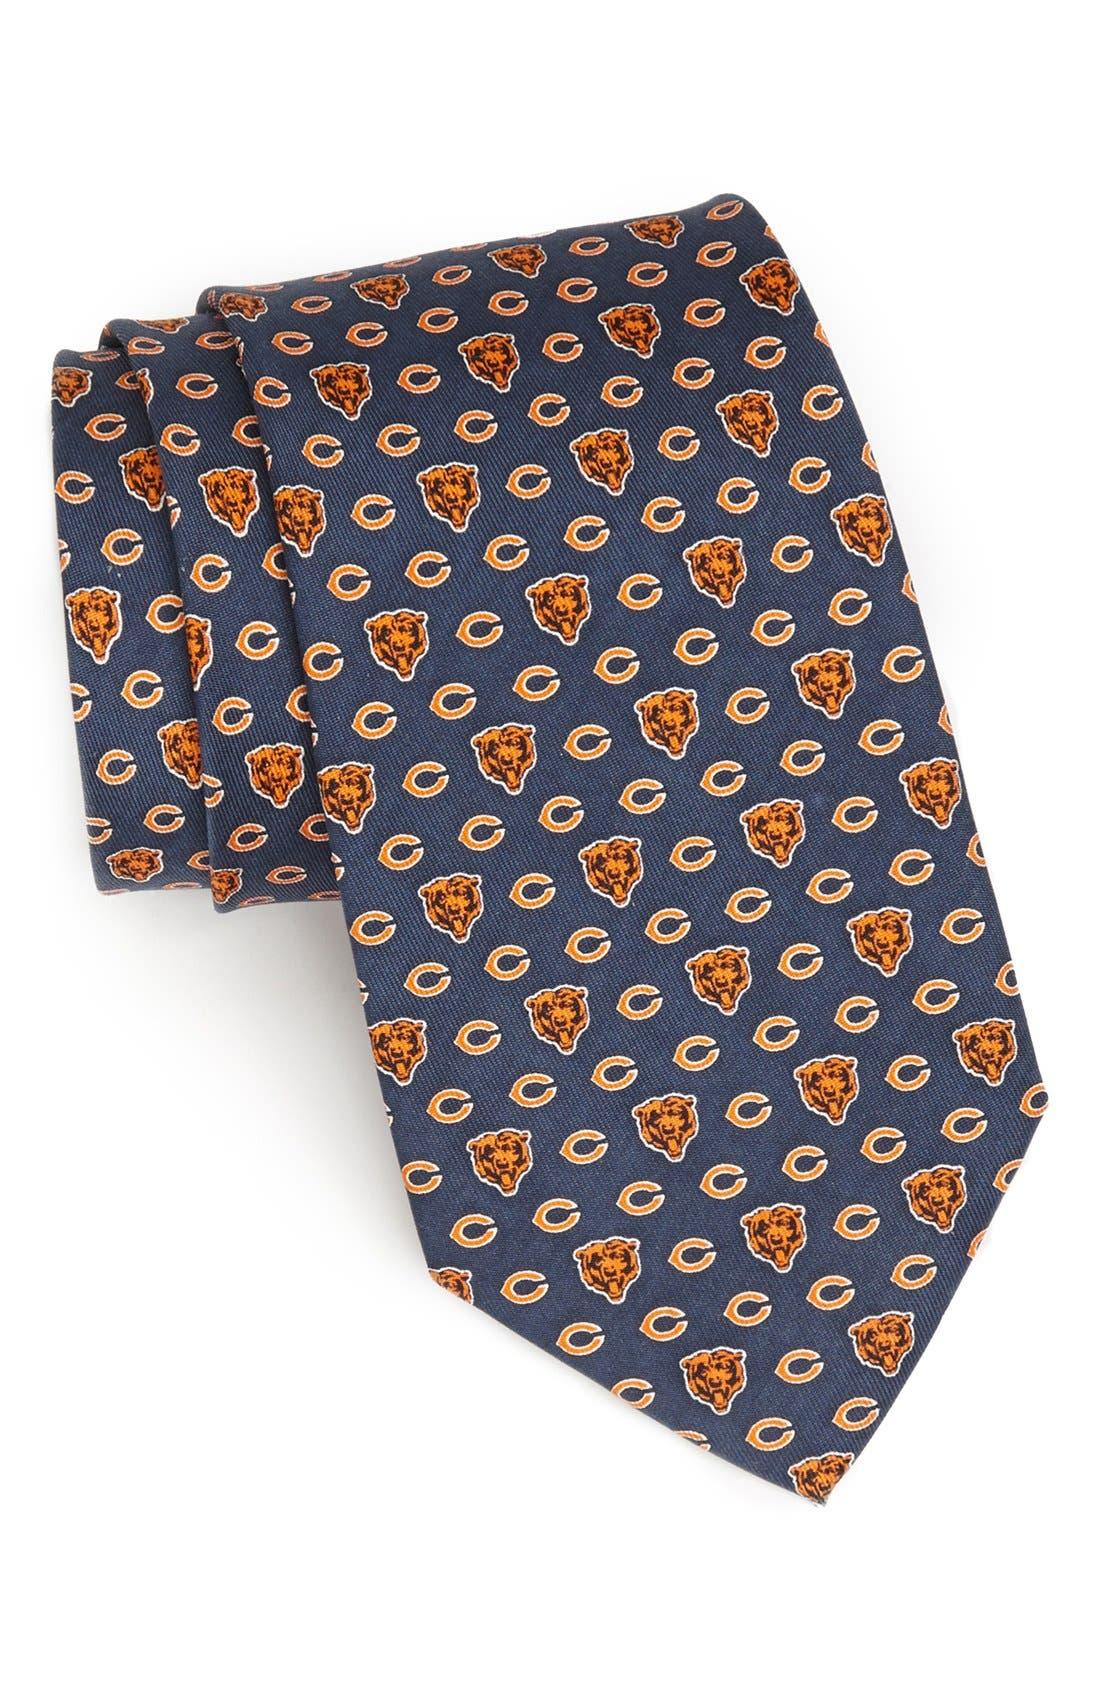 VINEYARD VINES Chicago Bears Print Tie